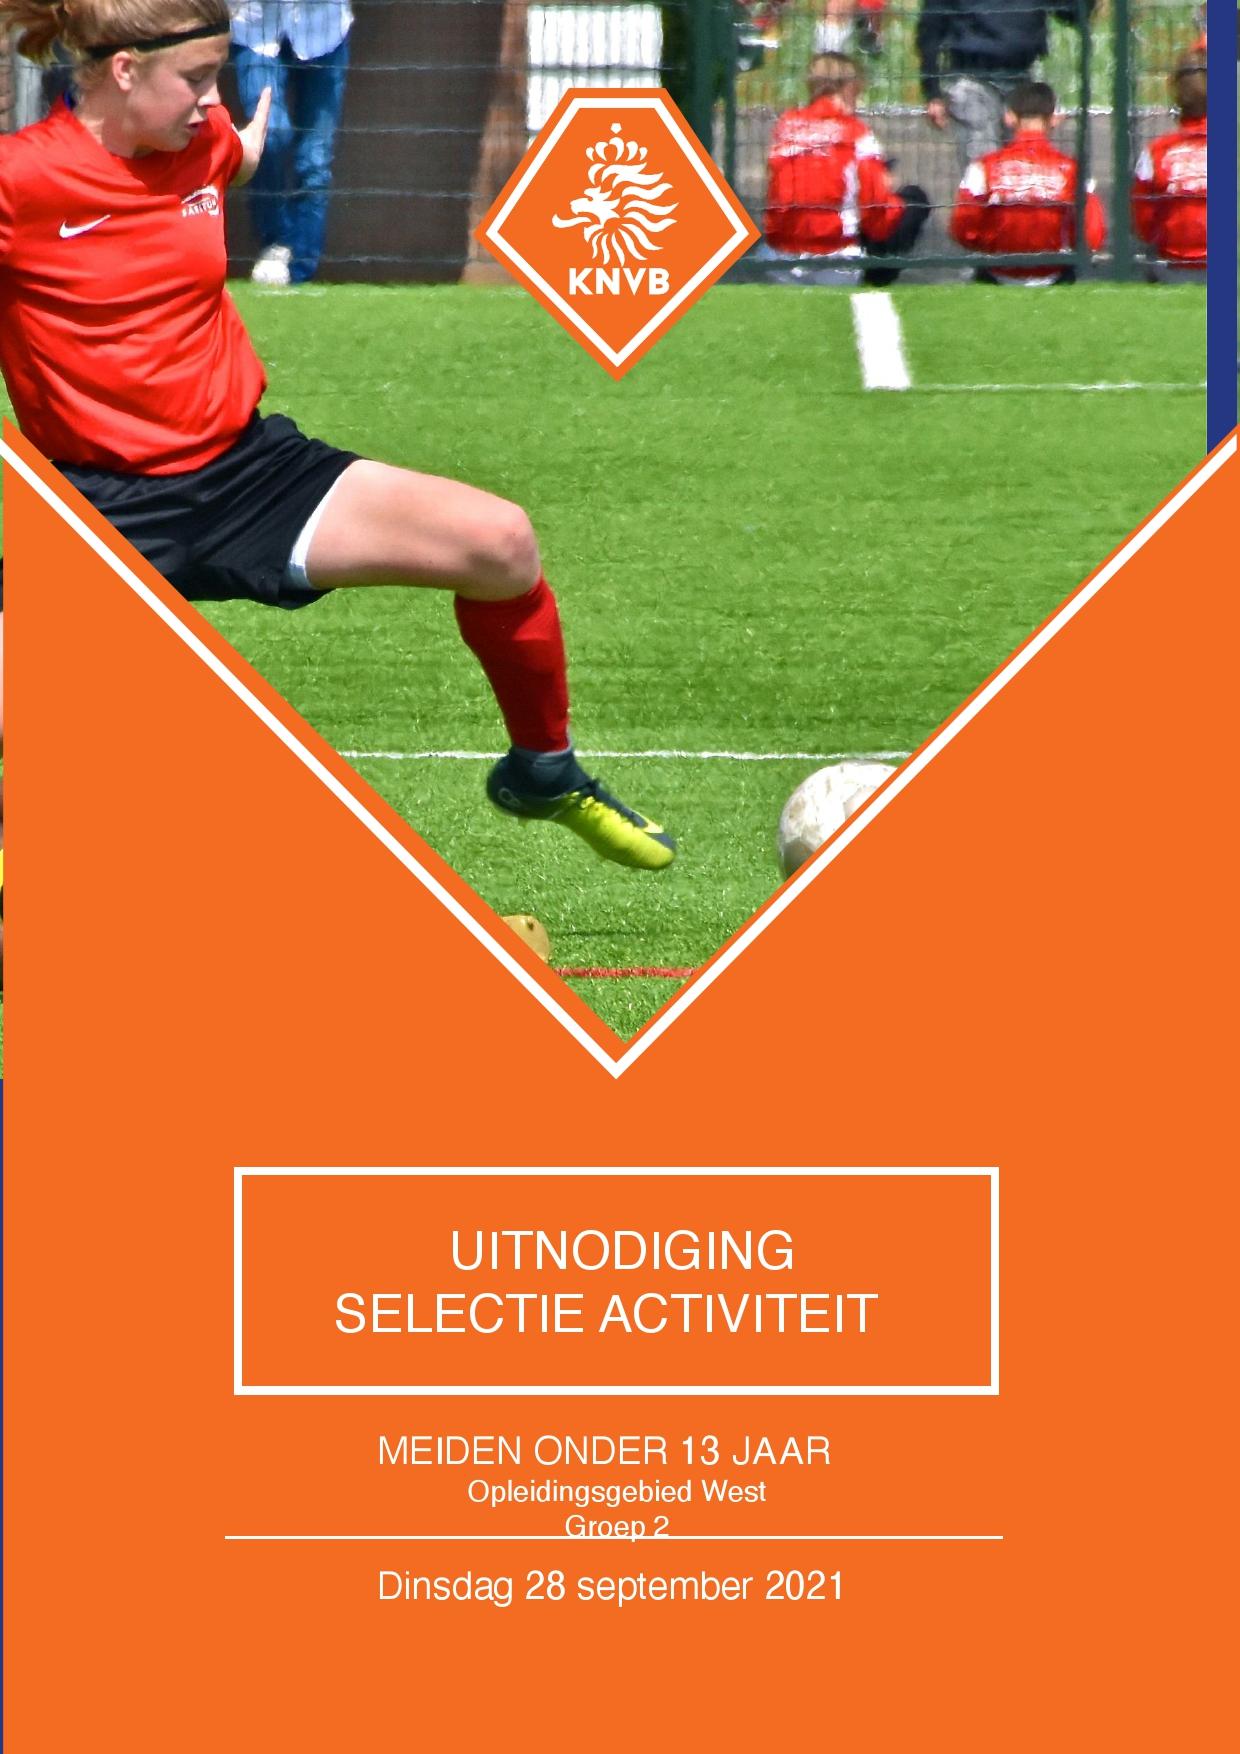 Uitnodiging KNVB